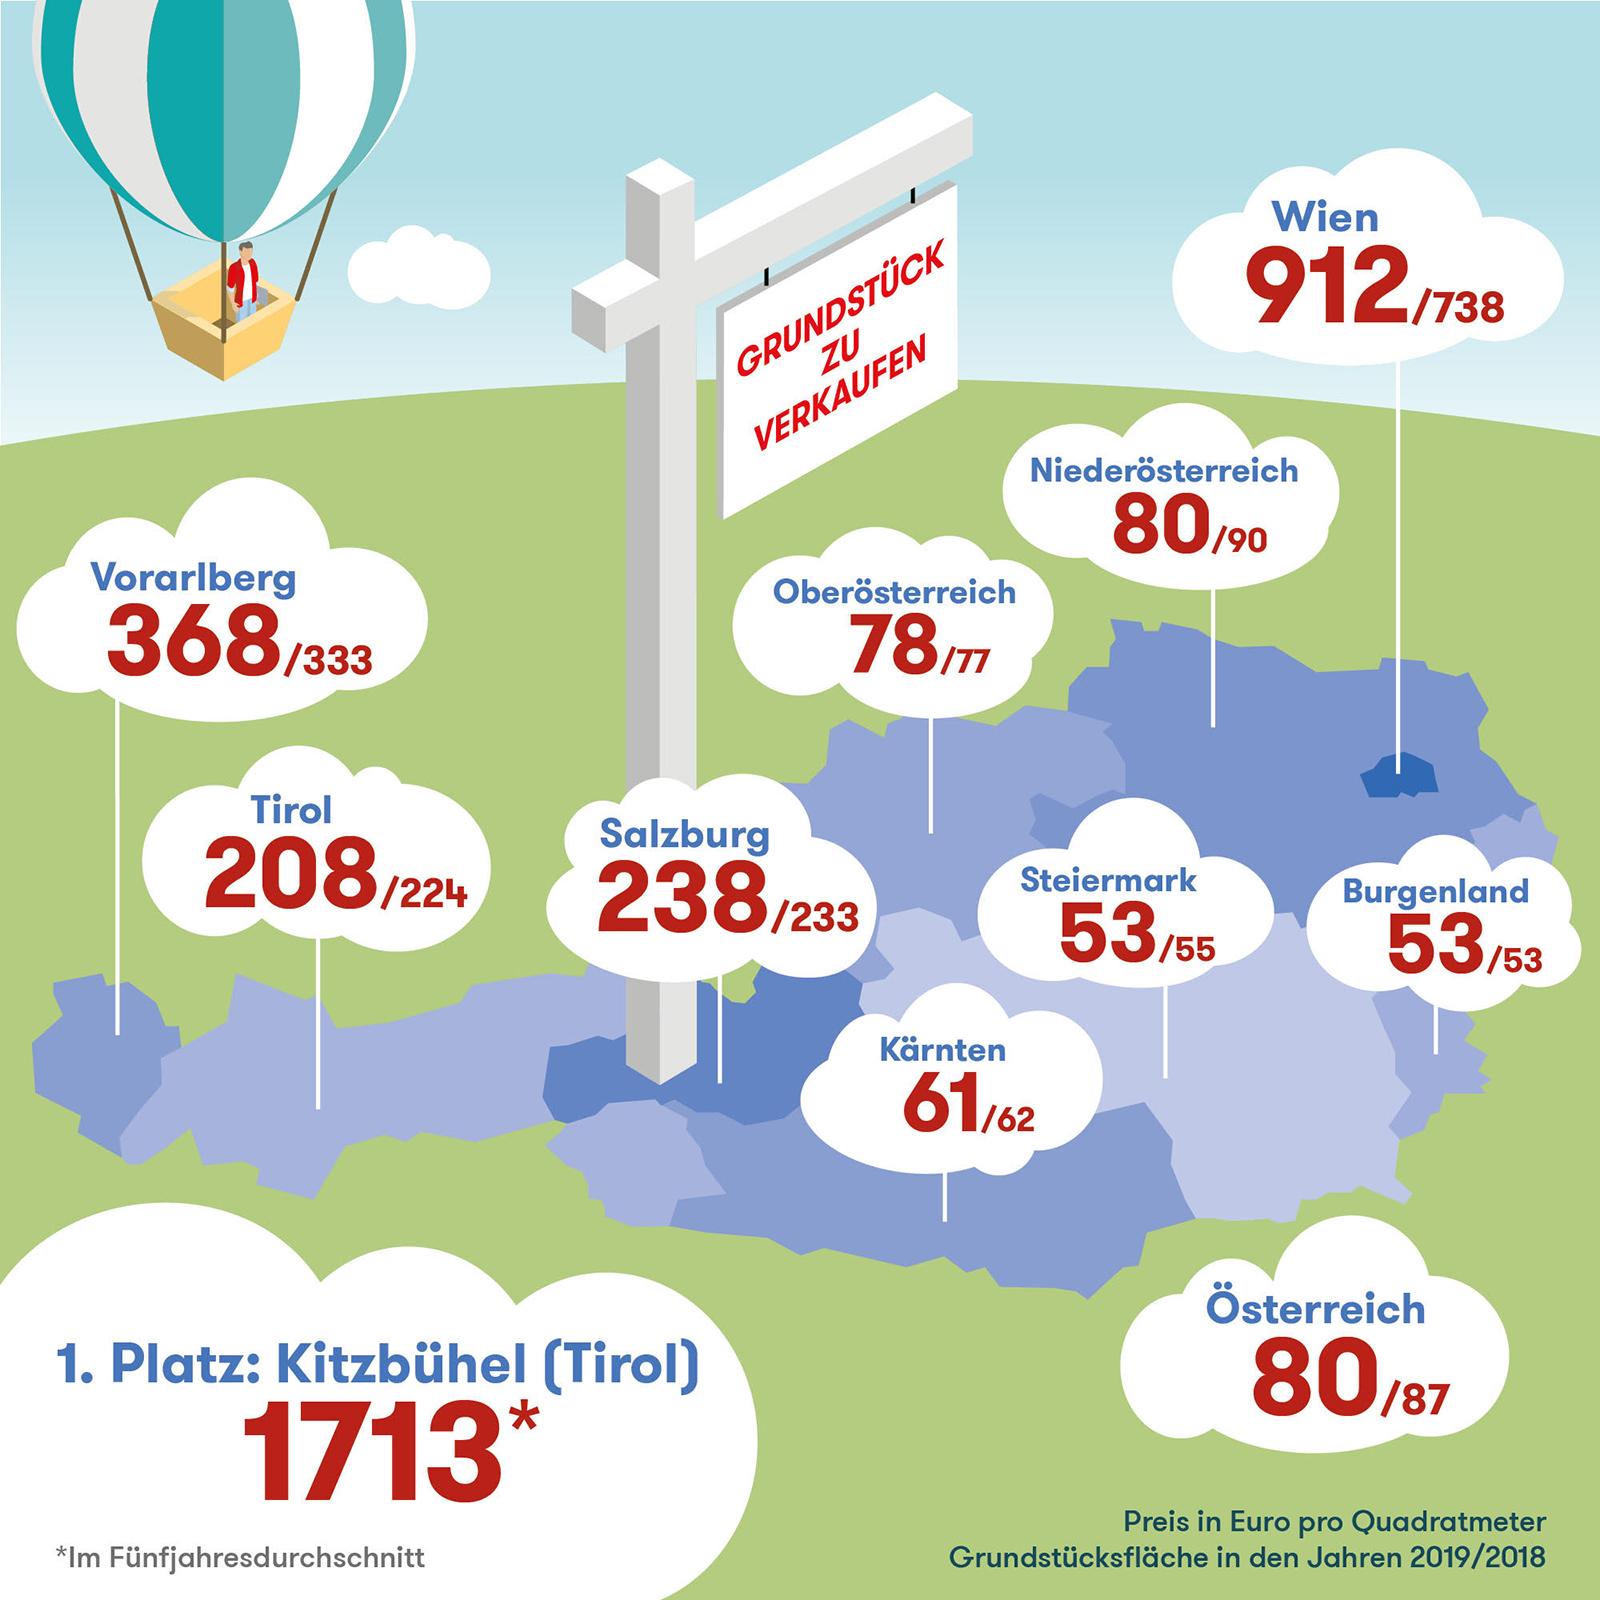 Die Grundstückspreise in Österreich sind abhängig von Ort und Bundesland sehr unterschiedlich.